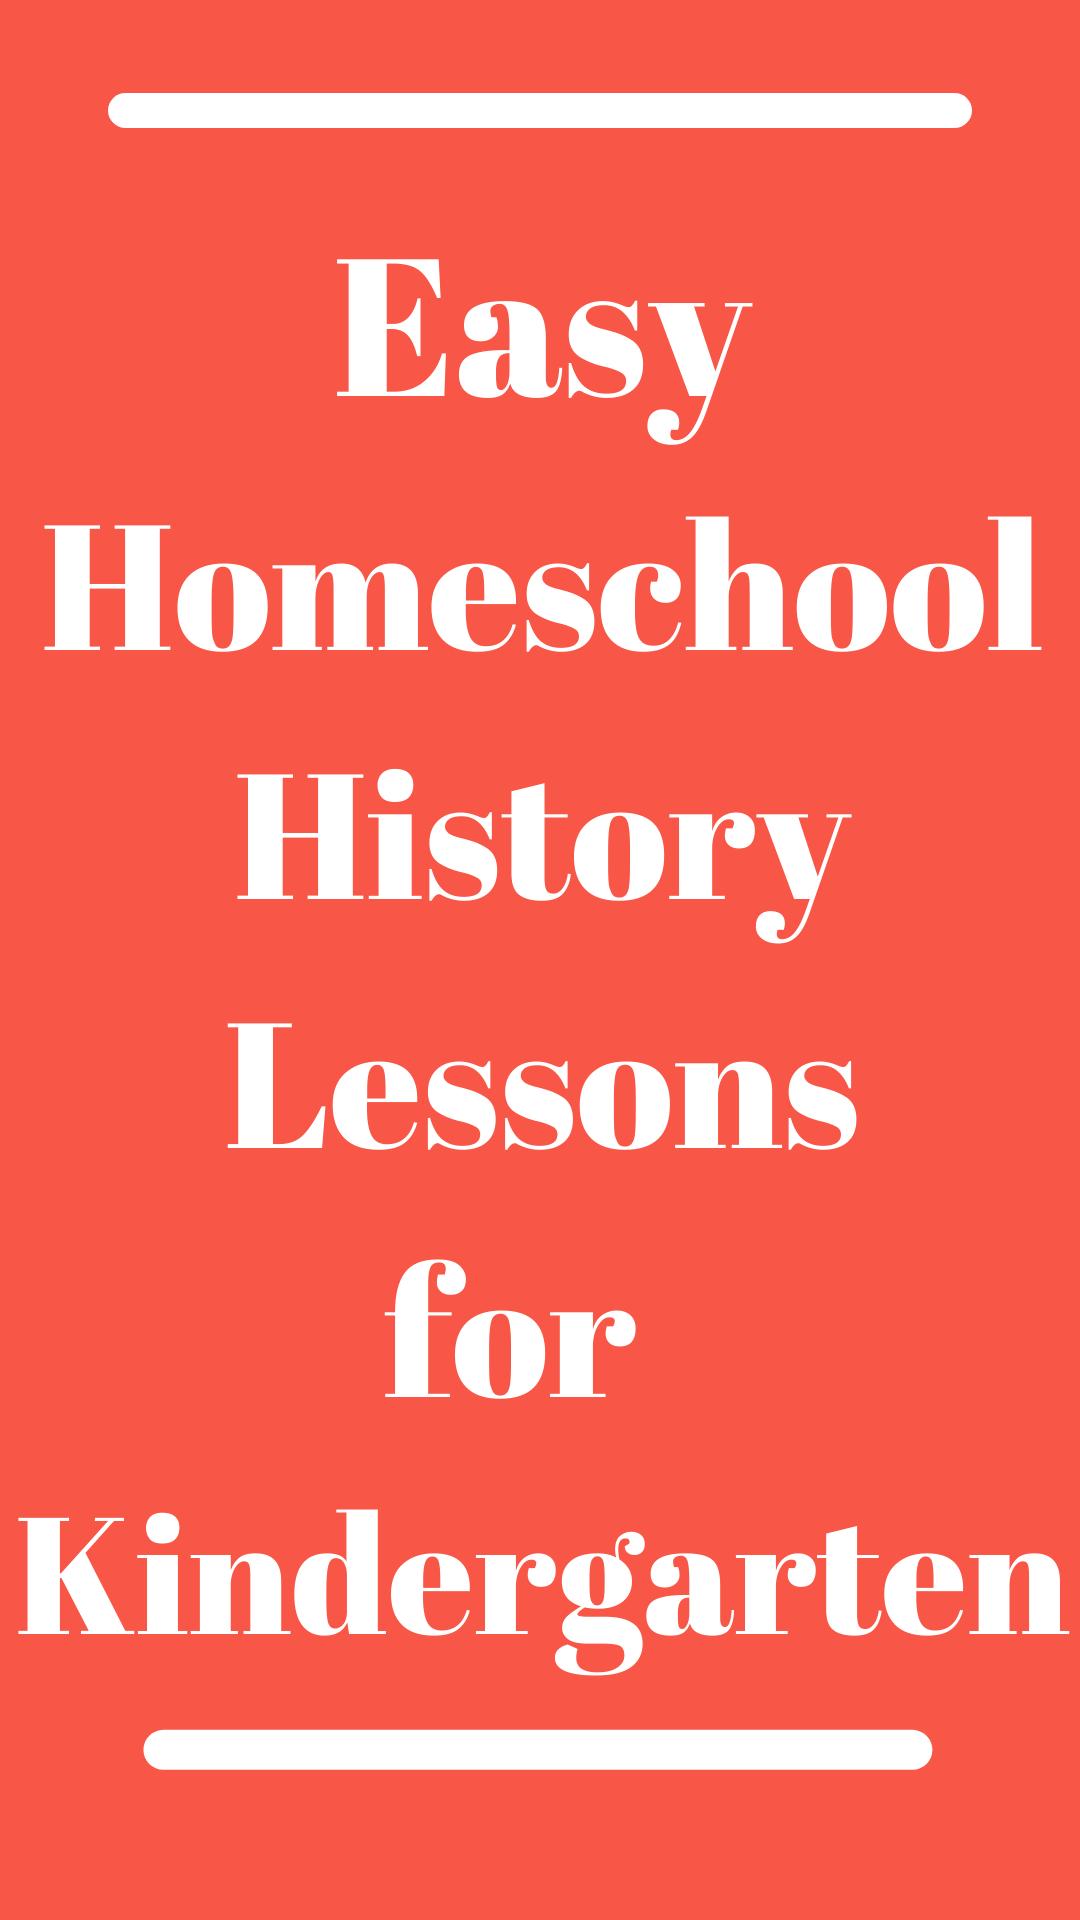 Easy Homeschool History Lessons for Kindergarten